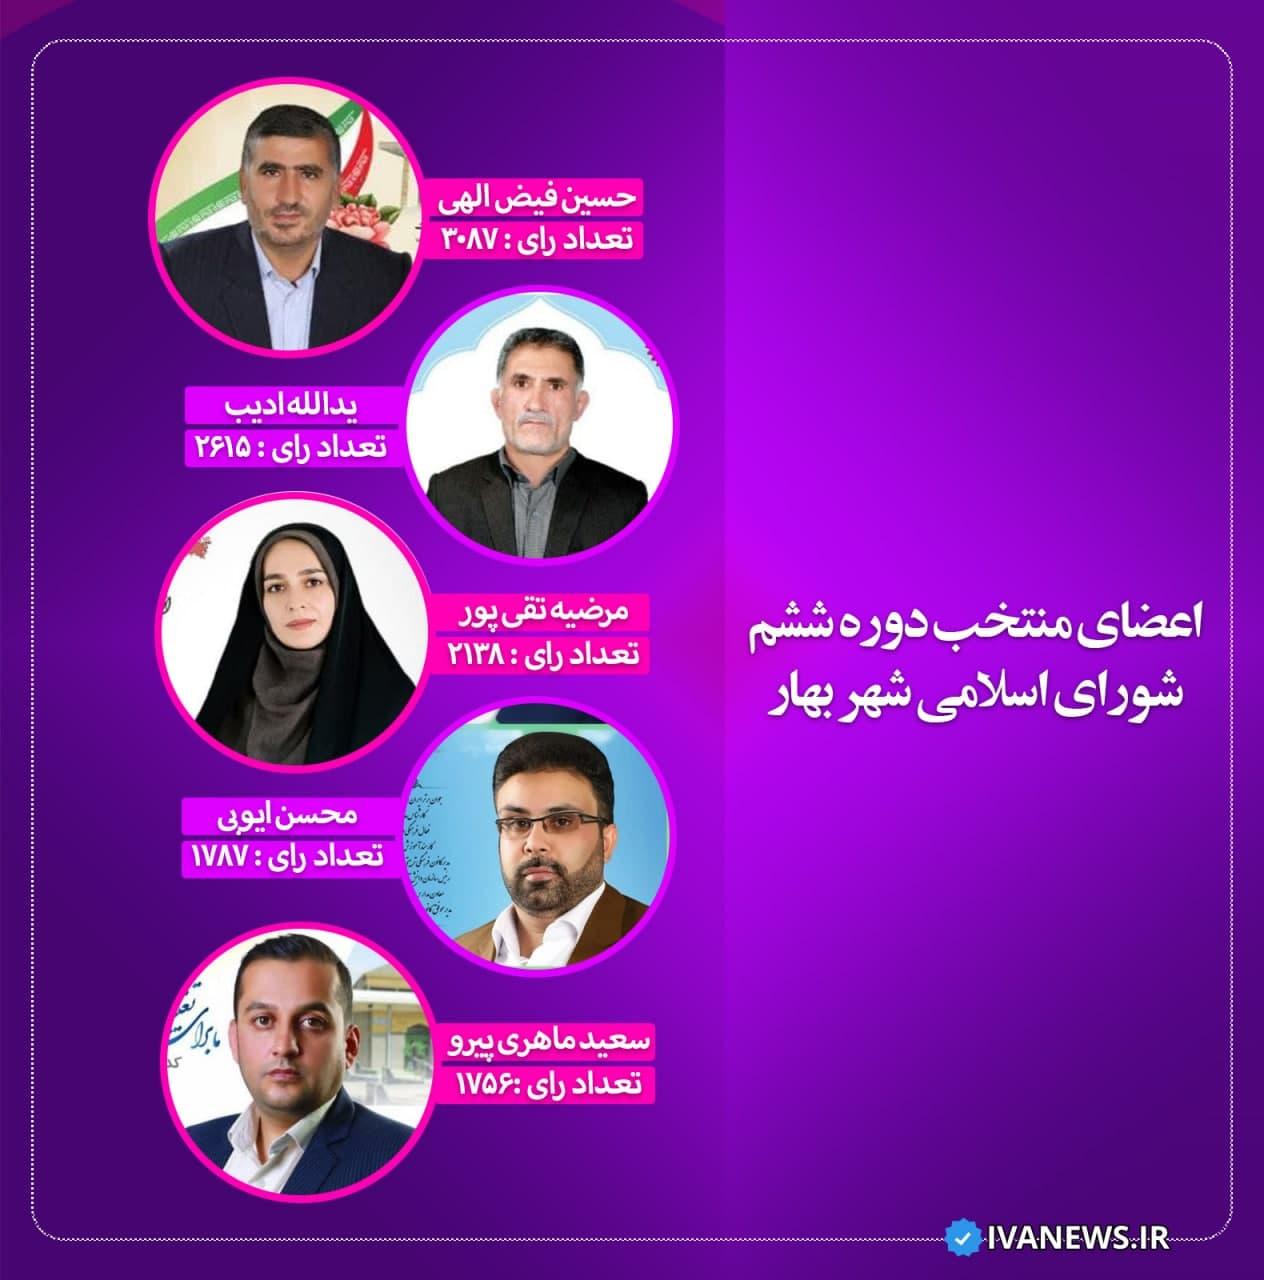 اعلام نتایج انتخابات شورای ششم شهرستان بهار